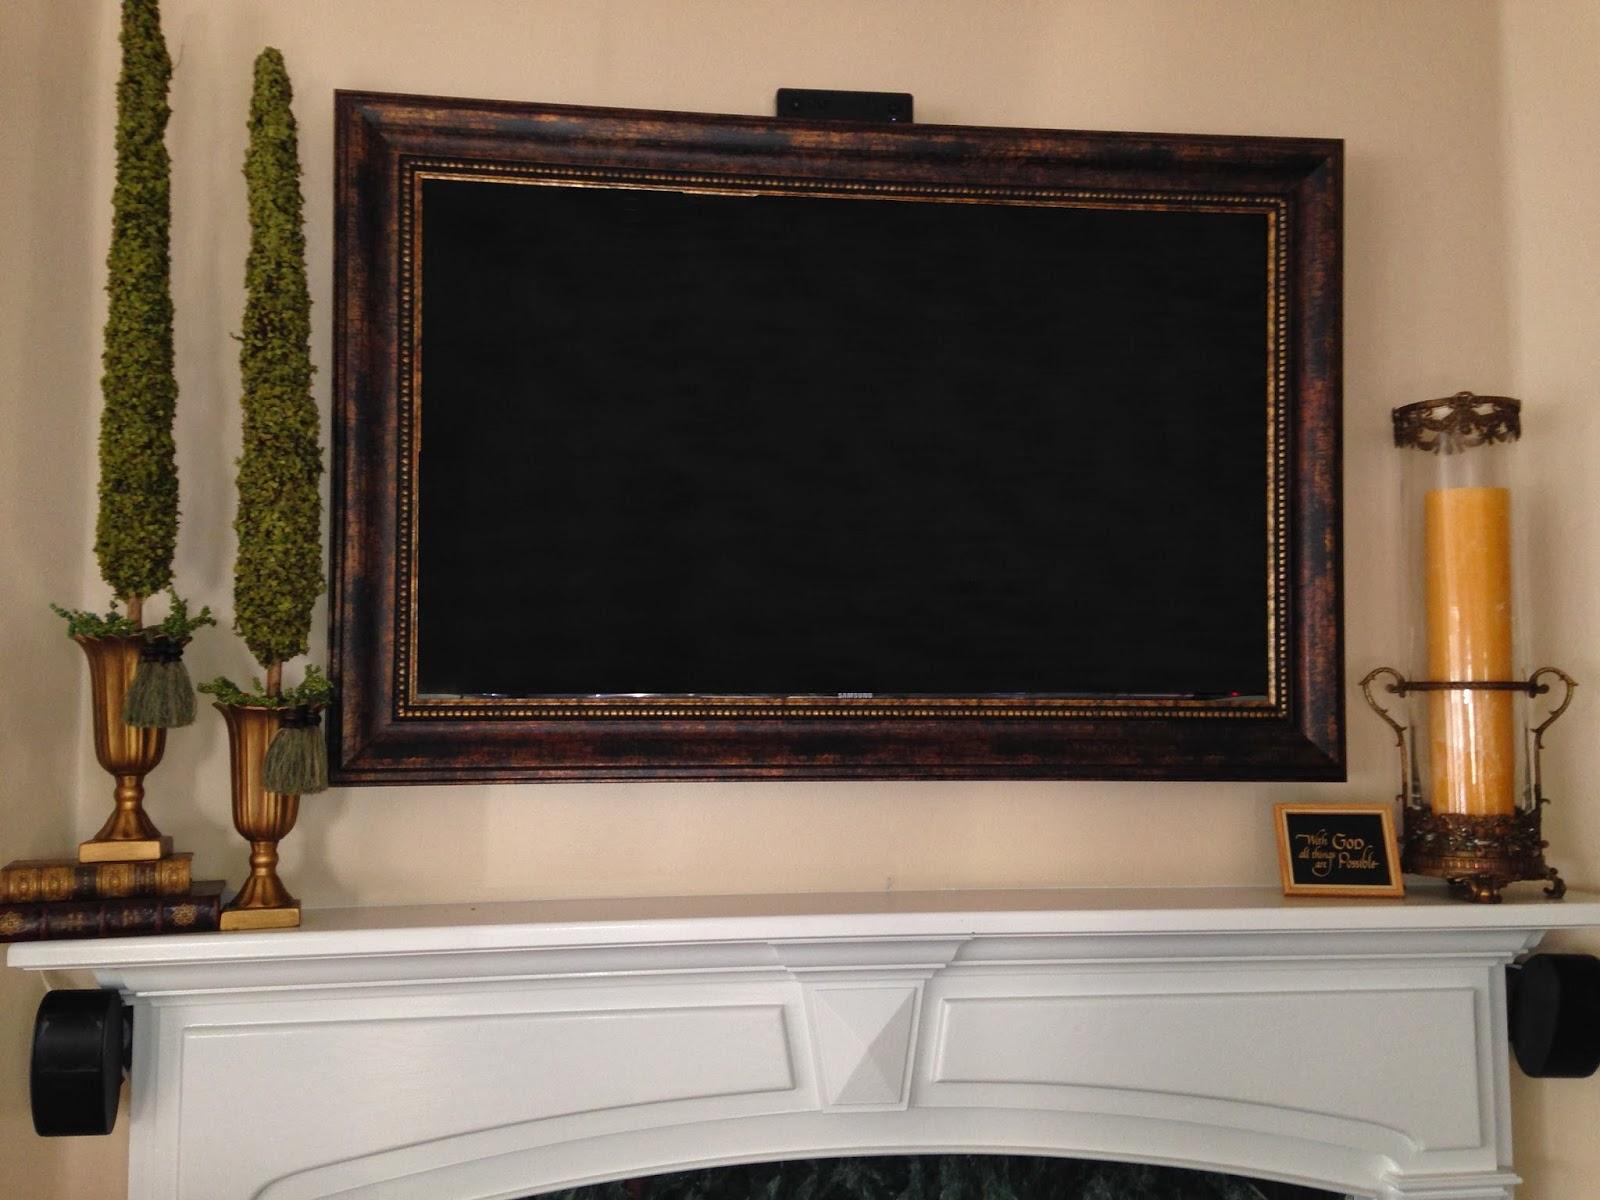 Labels Flat Screen Tv Frame Framed Over Fireplace